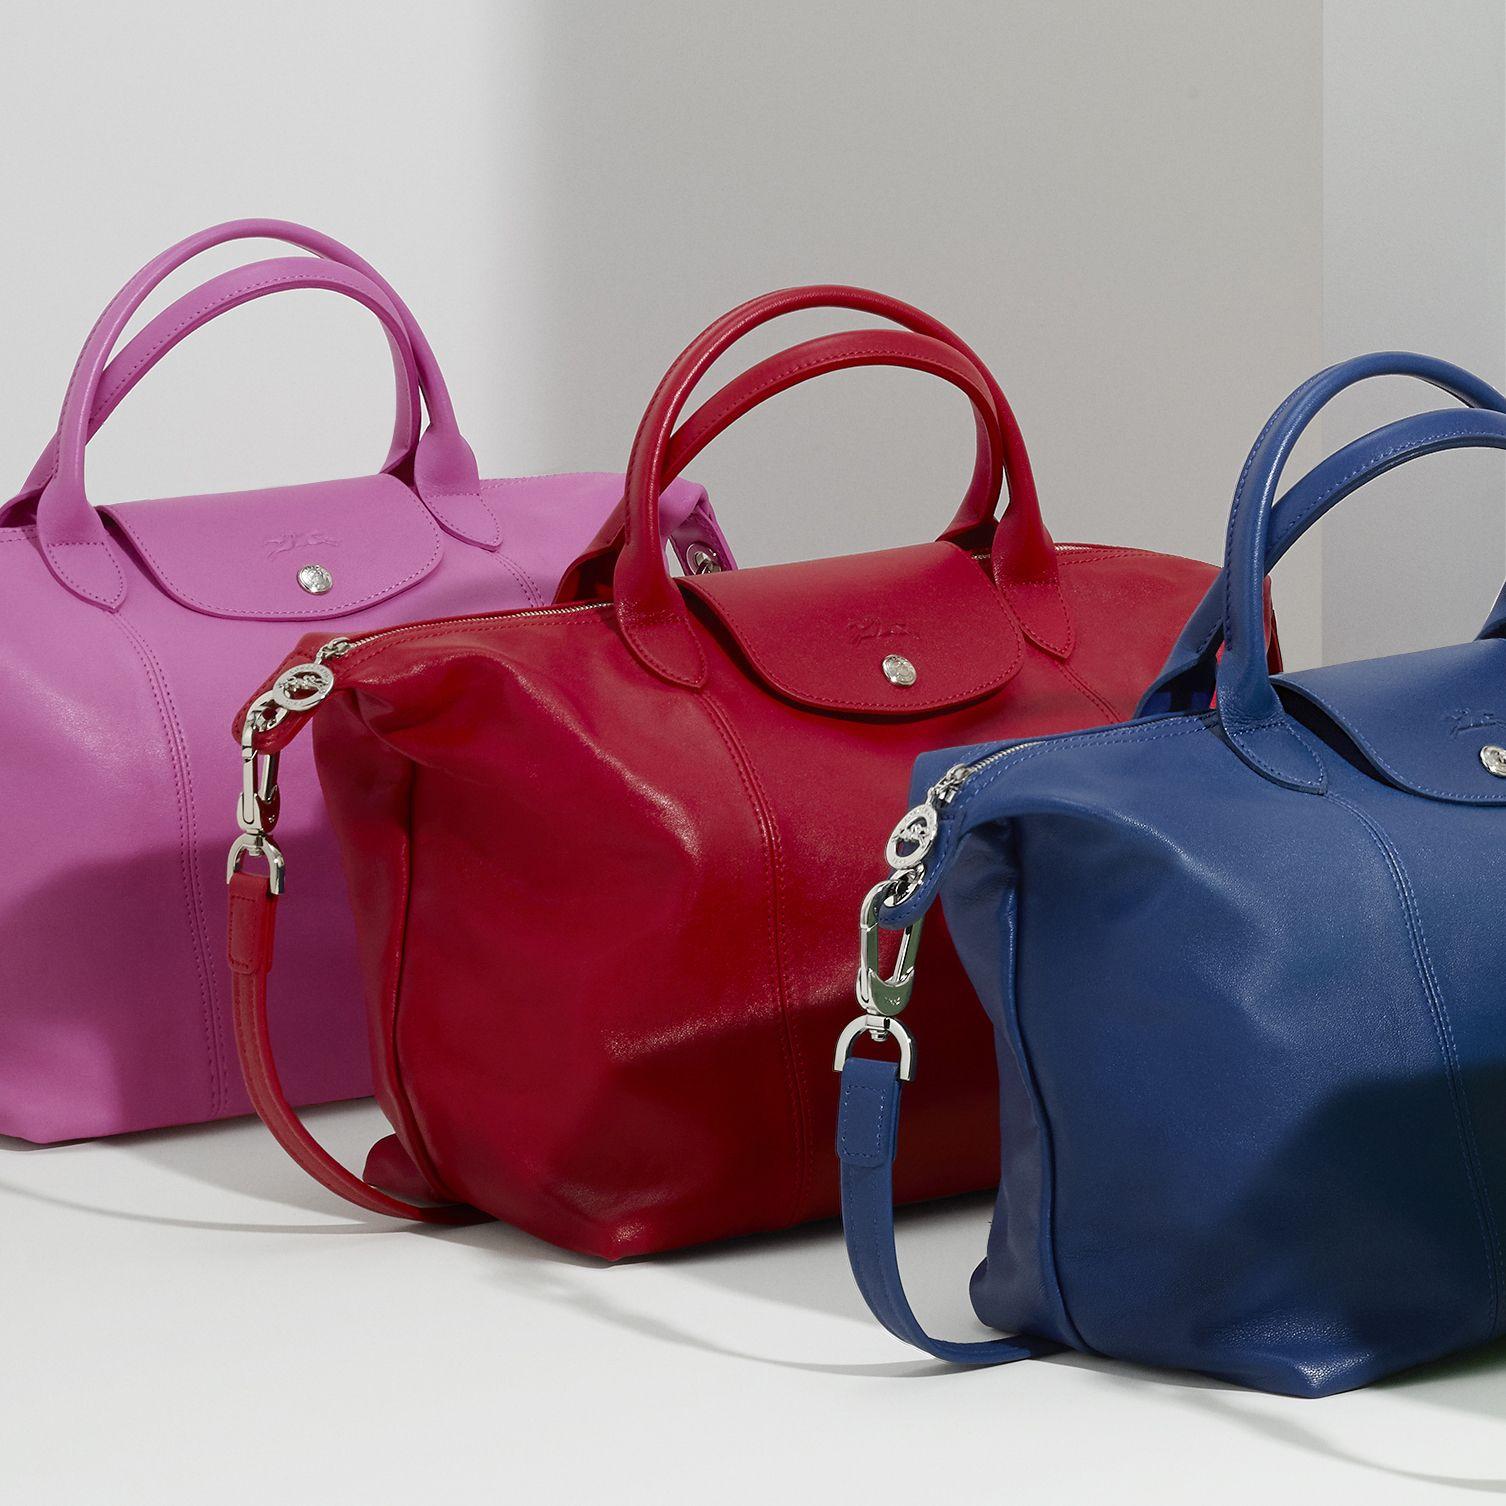 Carteras Longchamp Tamaños